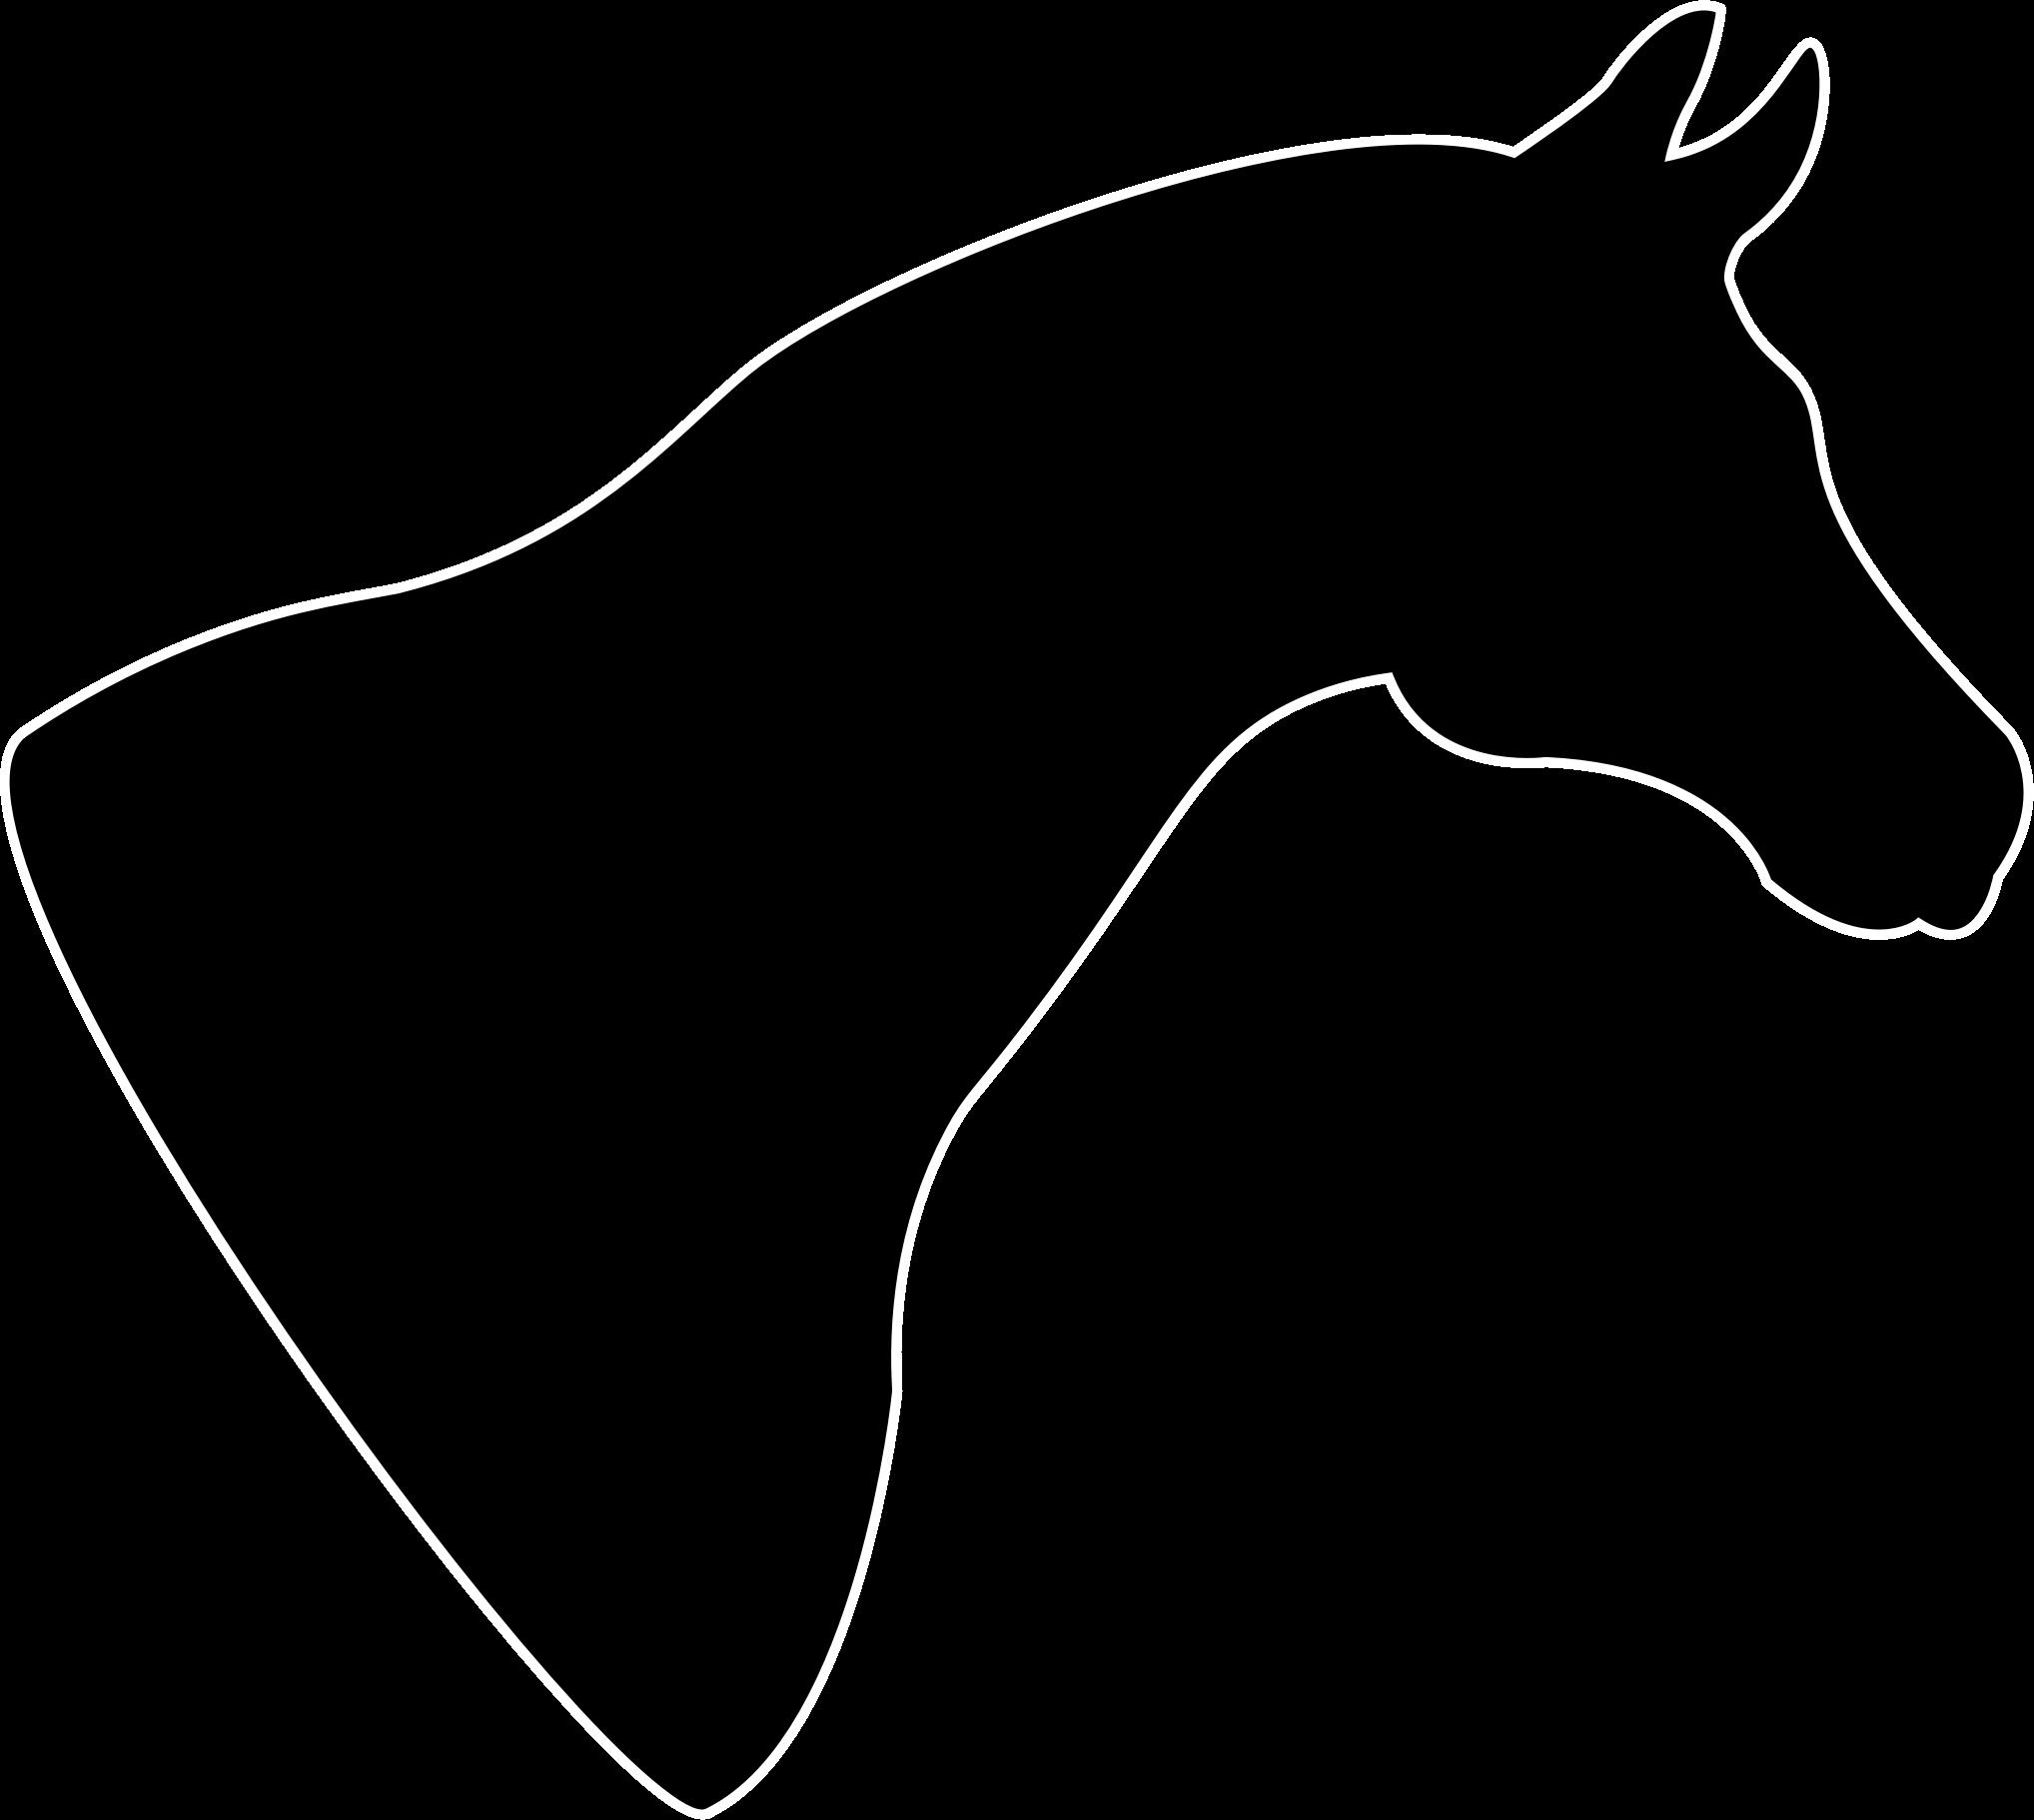 BIG IMAGE (PNG) - PNG Horse Head